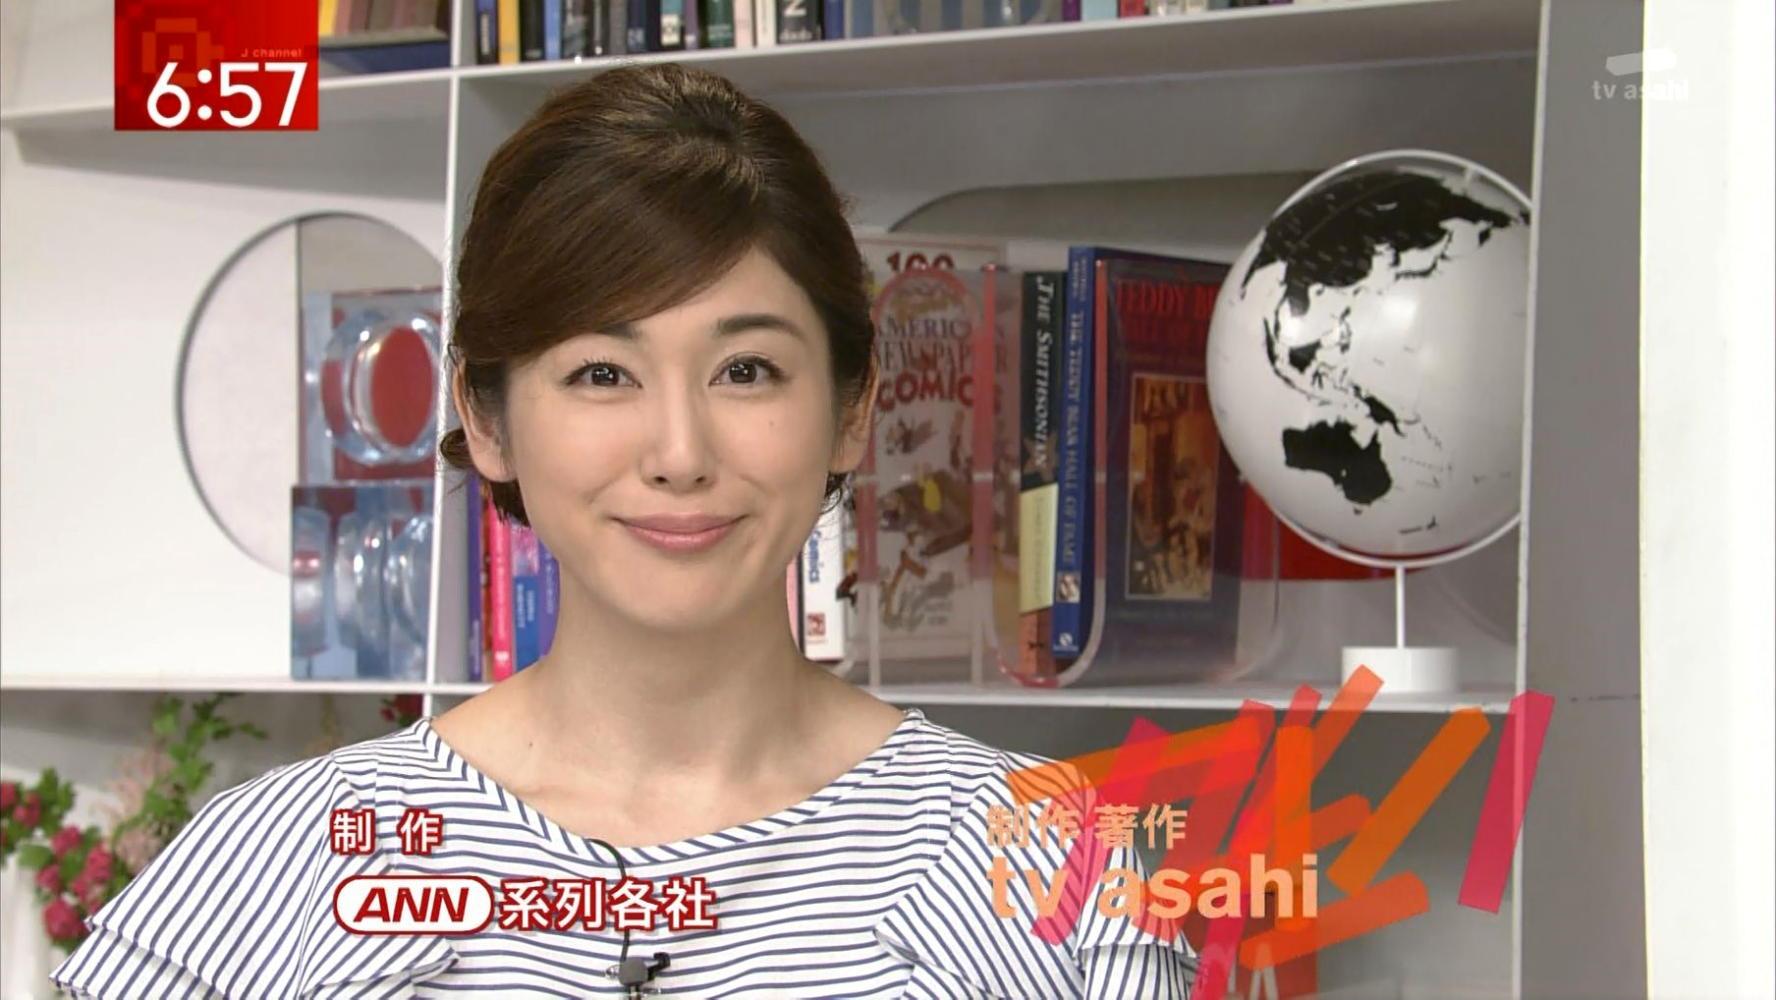 洋ロリ リ(i.imgur.com)  実況 ◆ テレビ朝日 38532 八木麻紗子   ログ速@2ちゃんねる(net)